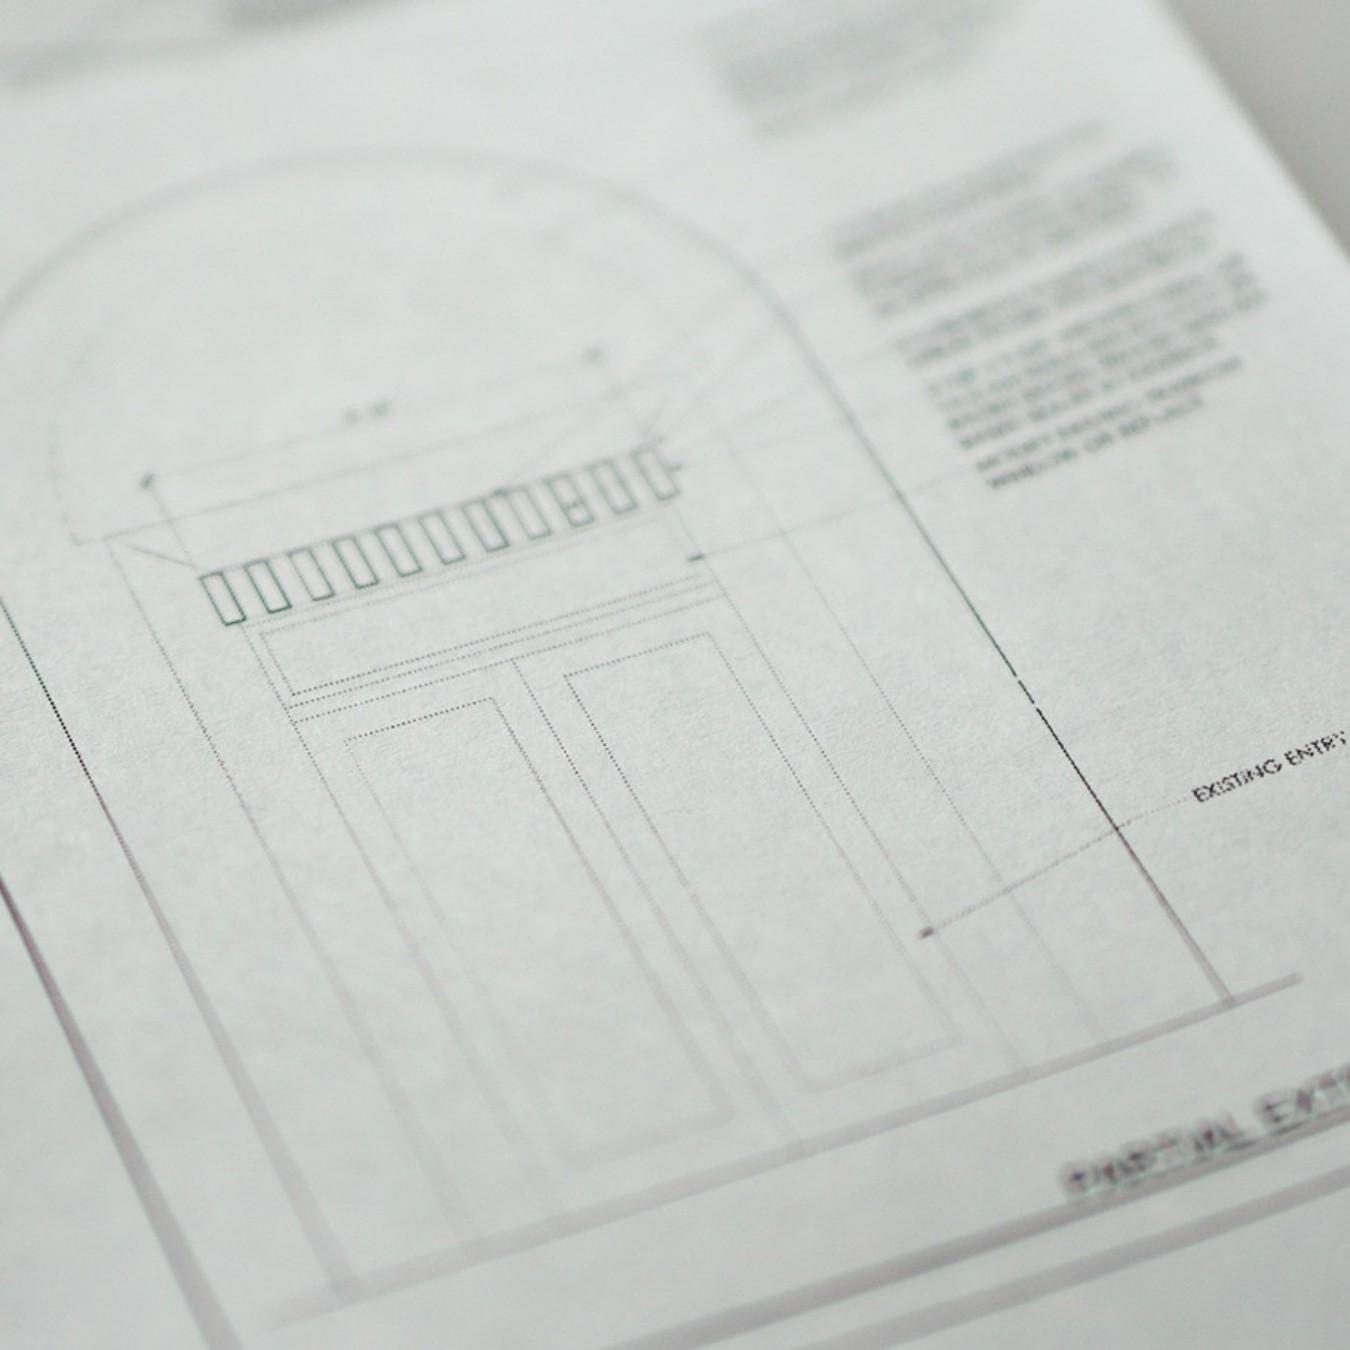 Linville blueprint3 170203 162909